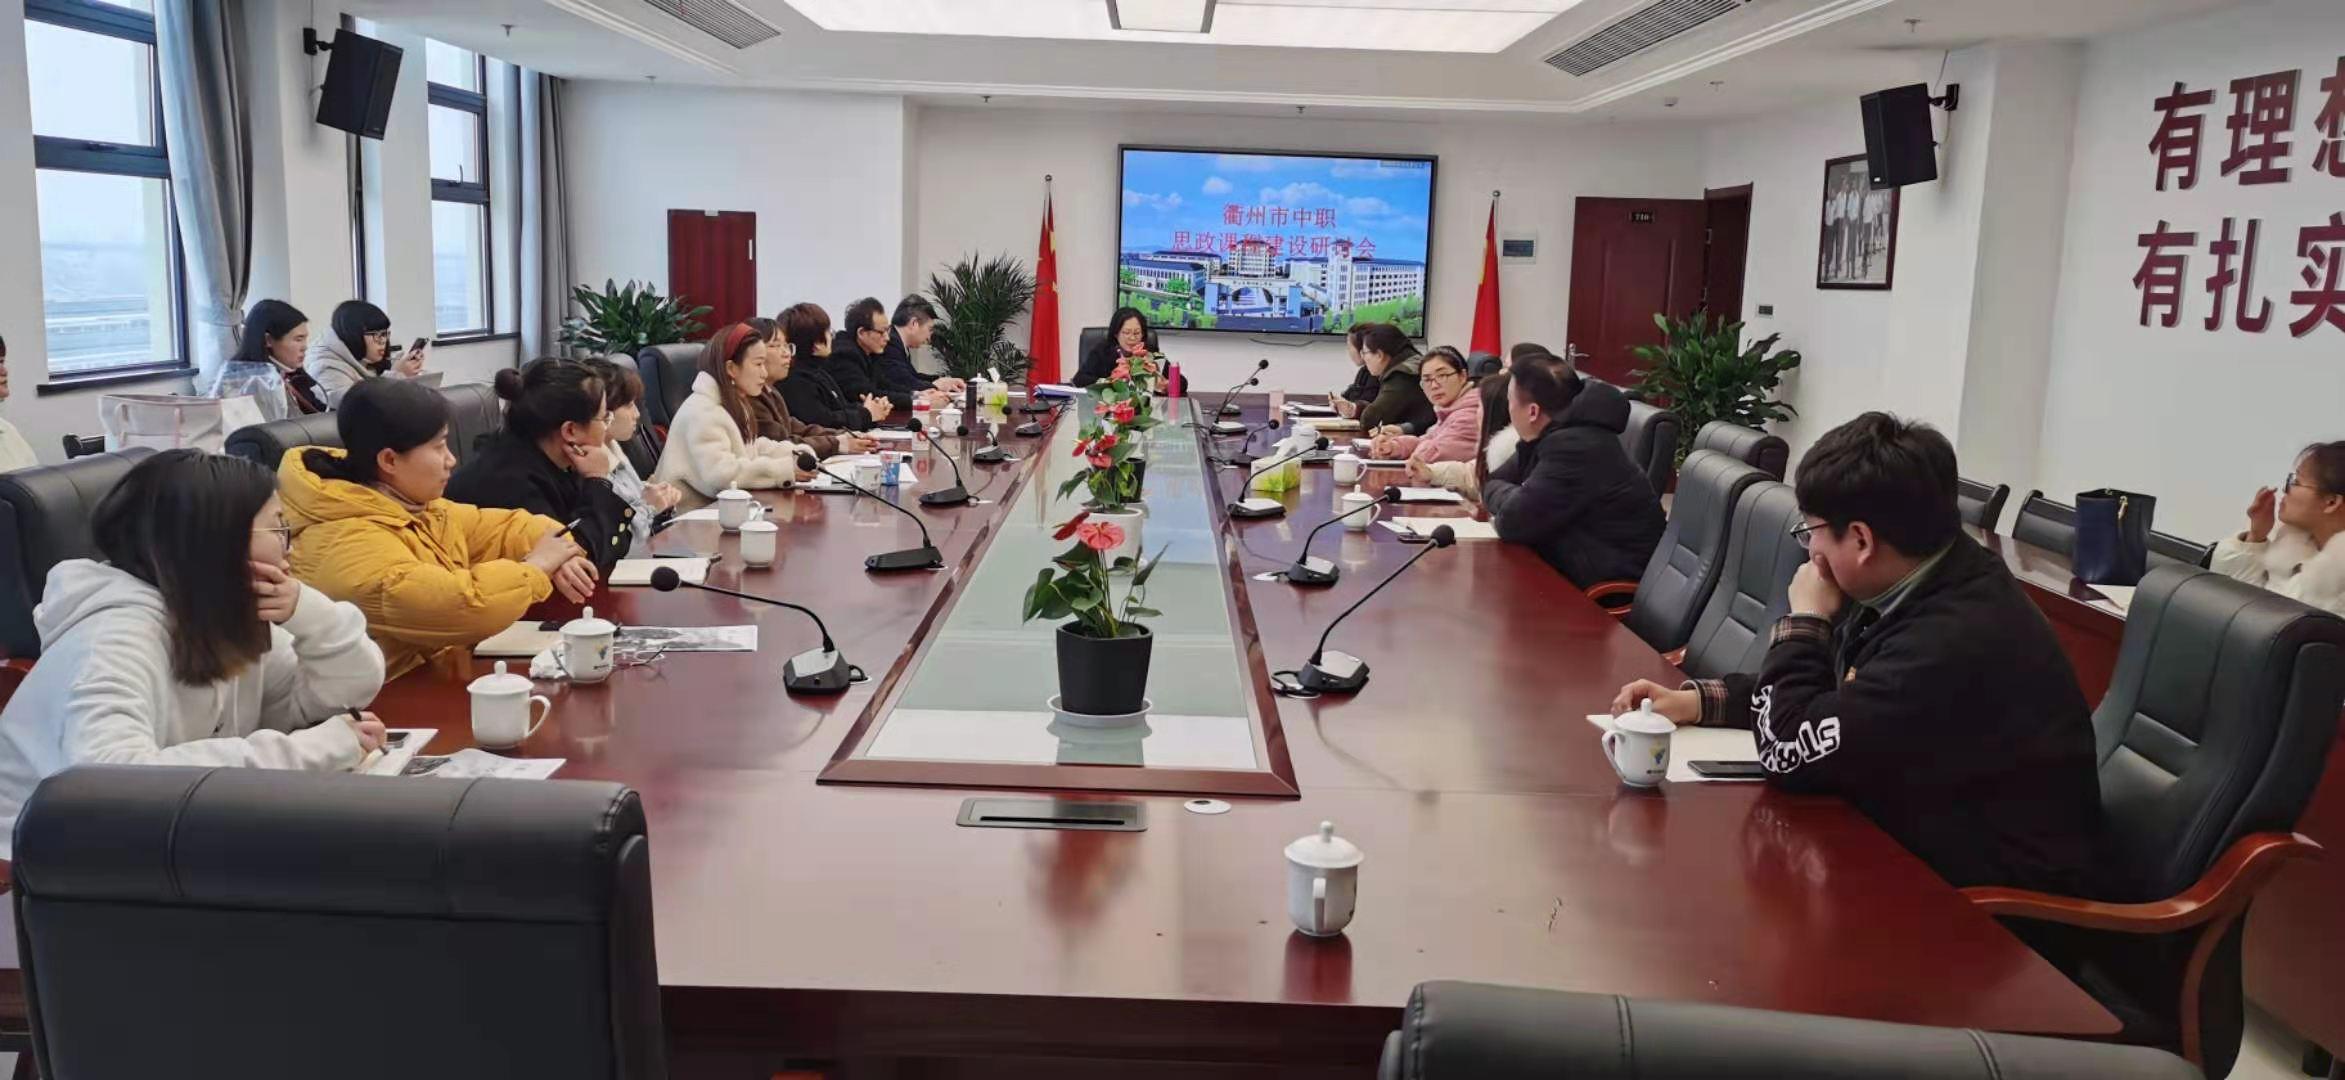 衢州市中职思政课研讨活动在衢州理工学校举行